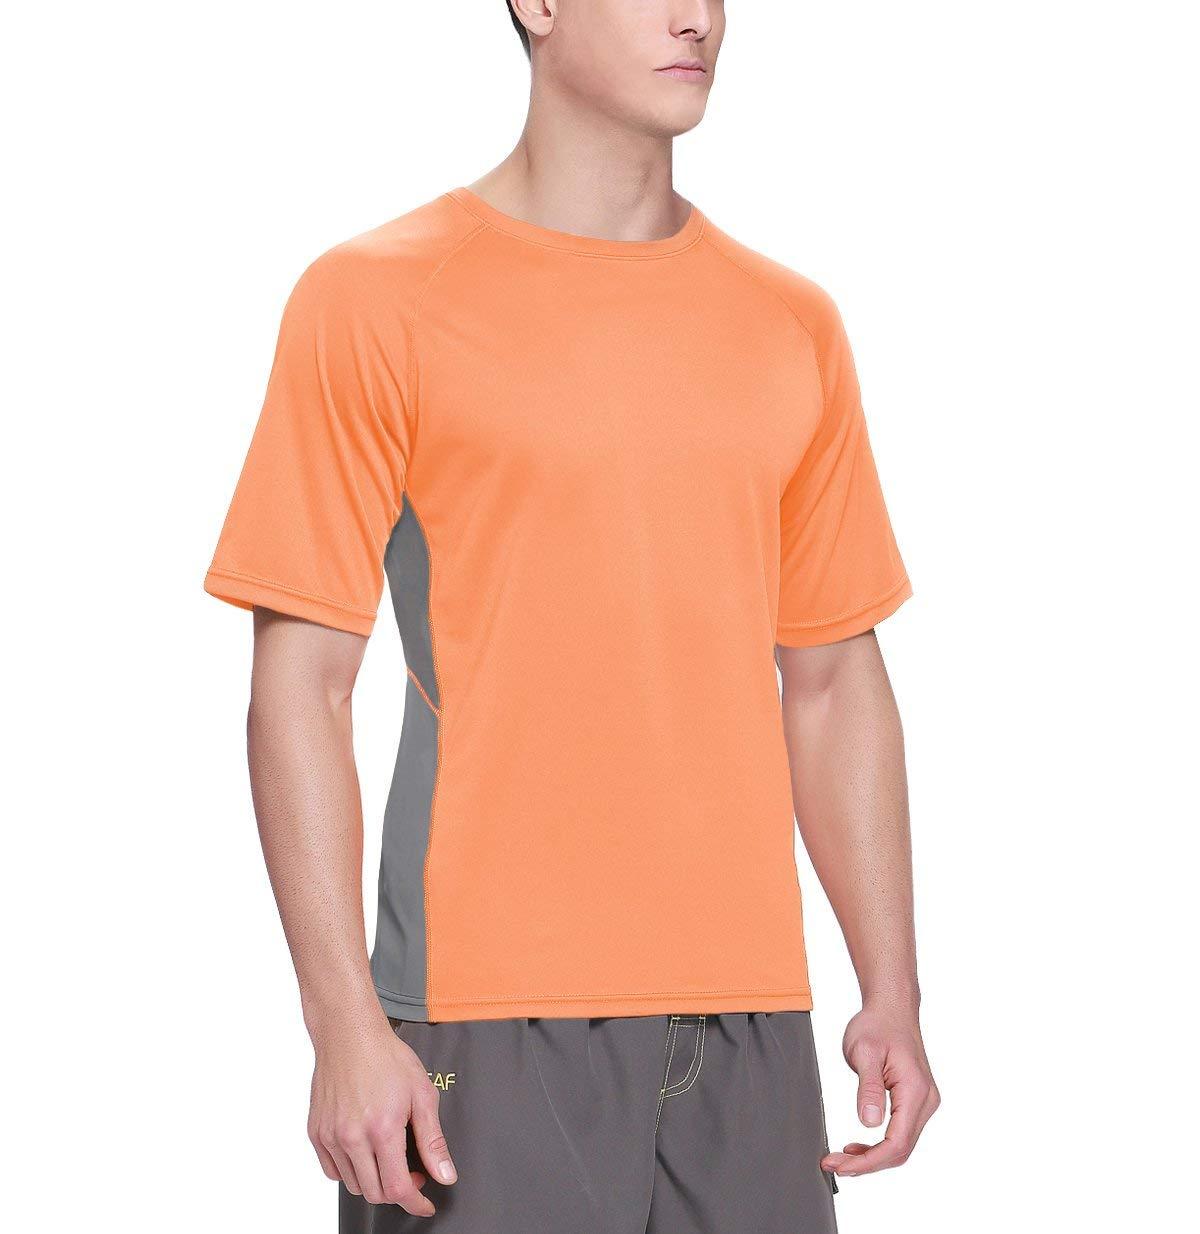 Baleaf Men's Short Sleeve Sun Protection Rashguard Swim Shirt UPF 50+ Fluorescent Orange S by Baleaf (Image #3)